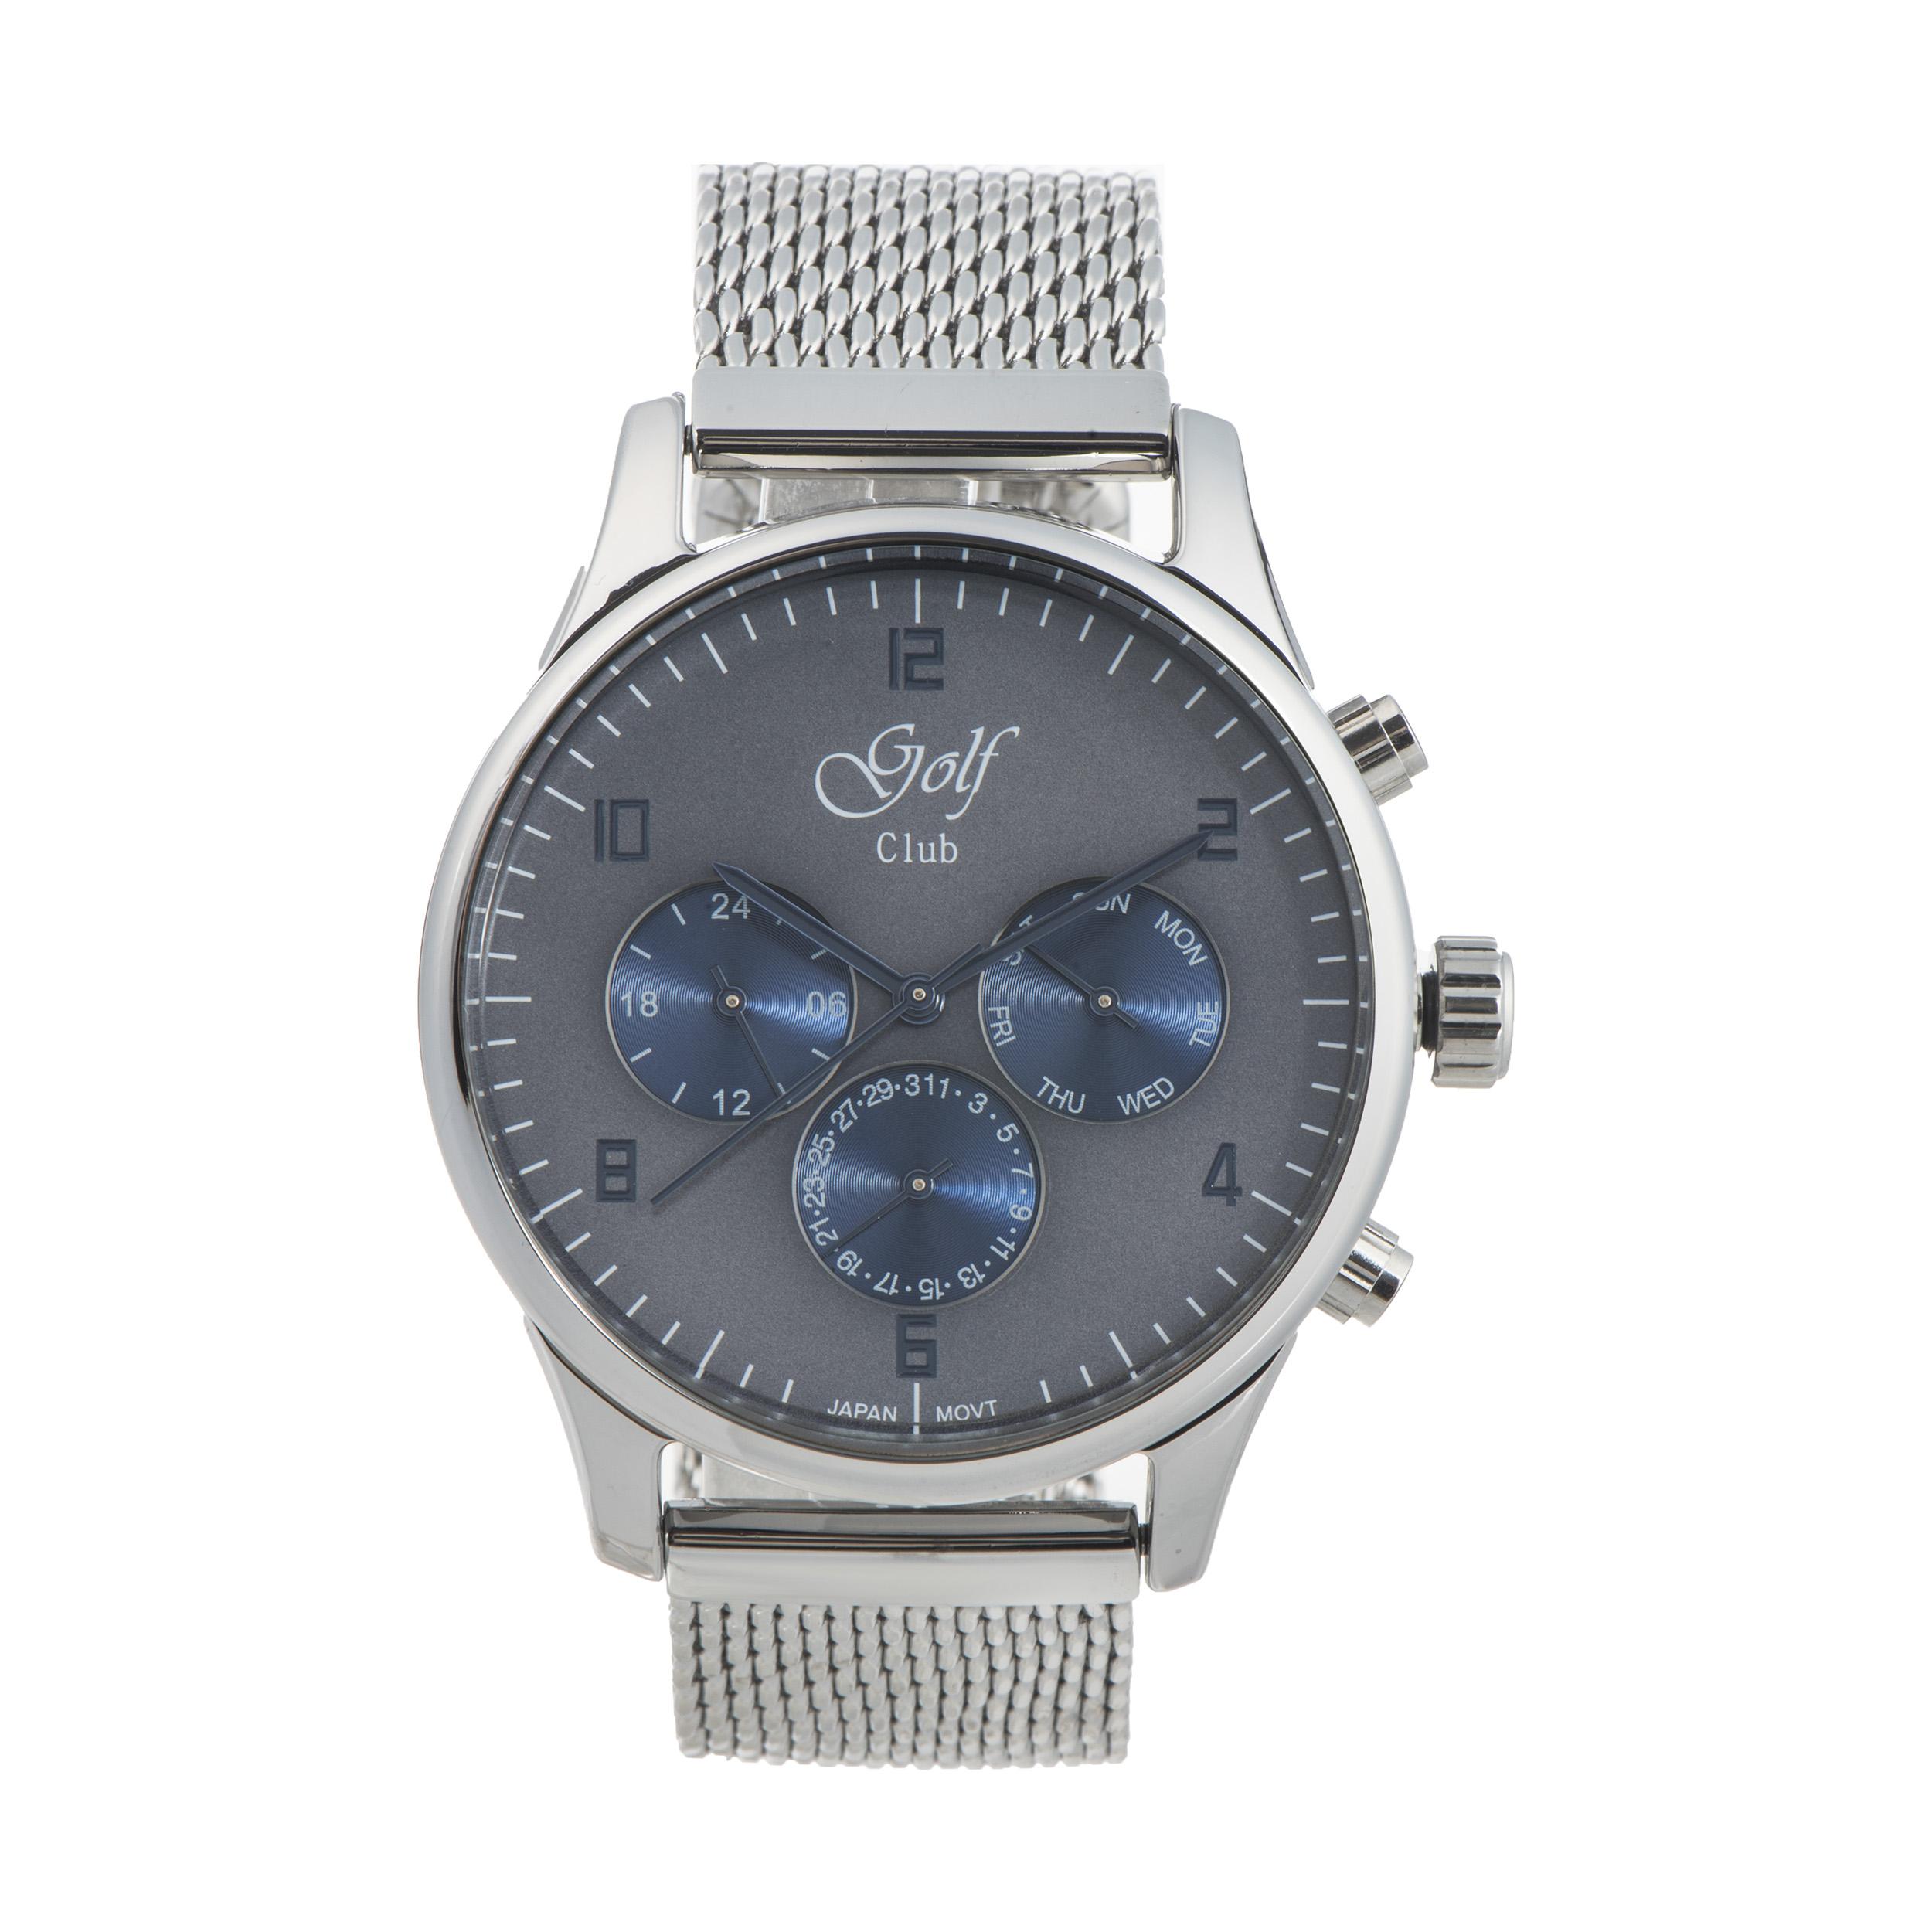 ساعت مچی عقربه ای مردانه گلف کلاب مدل 123-4